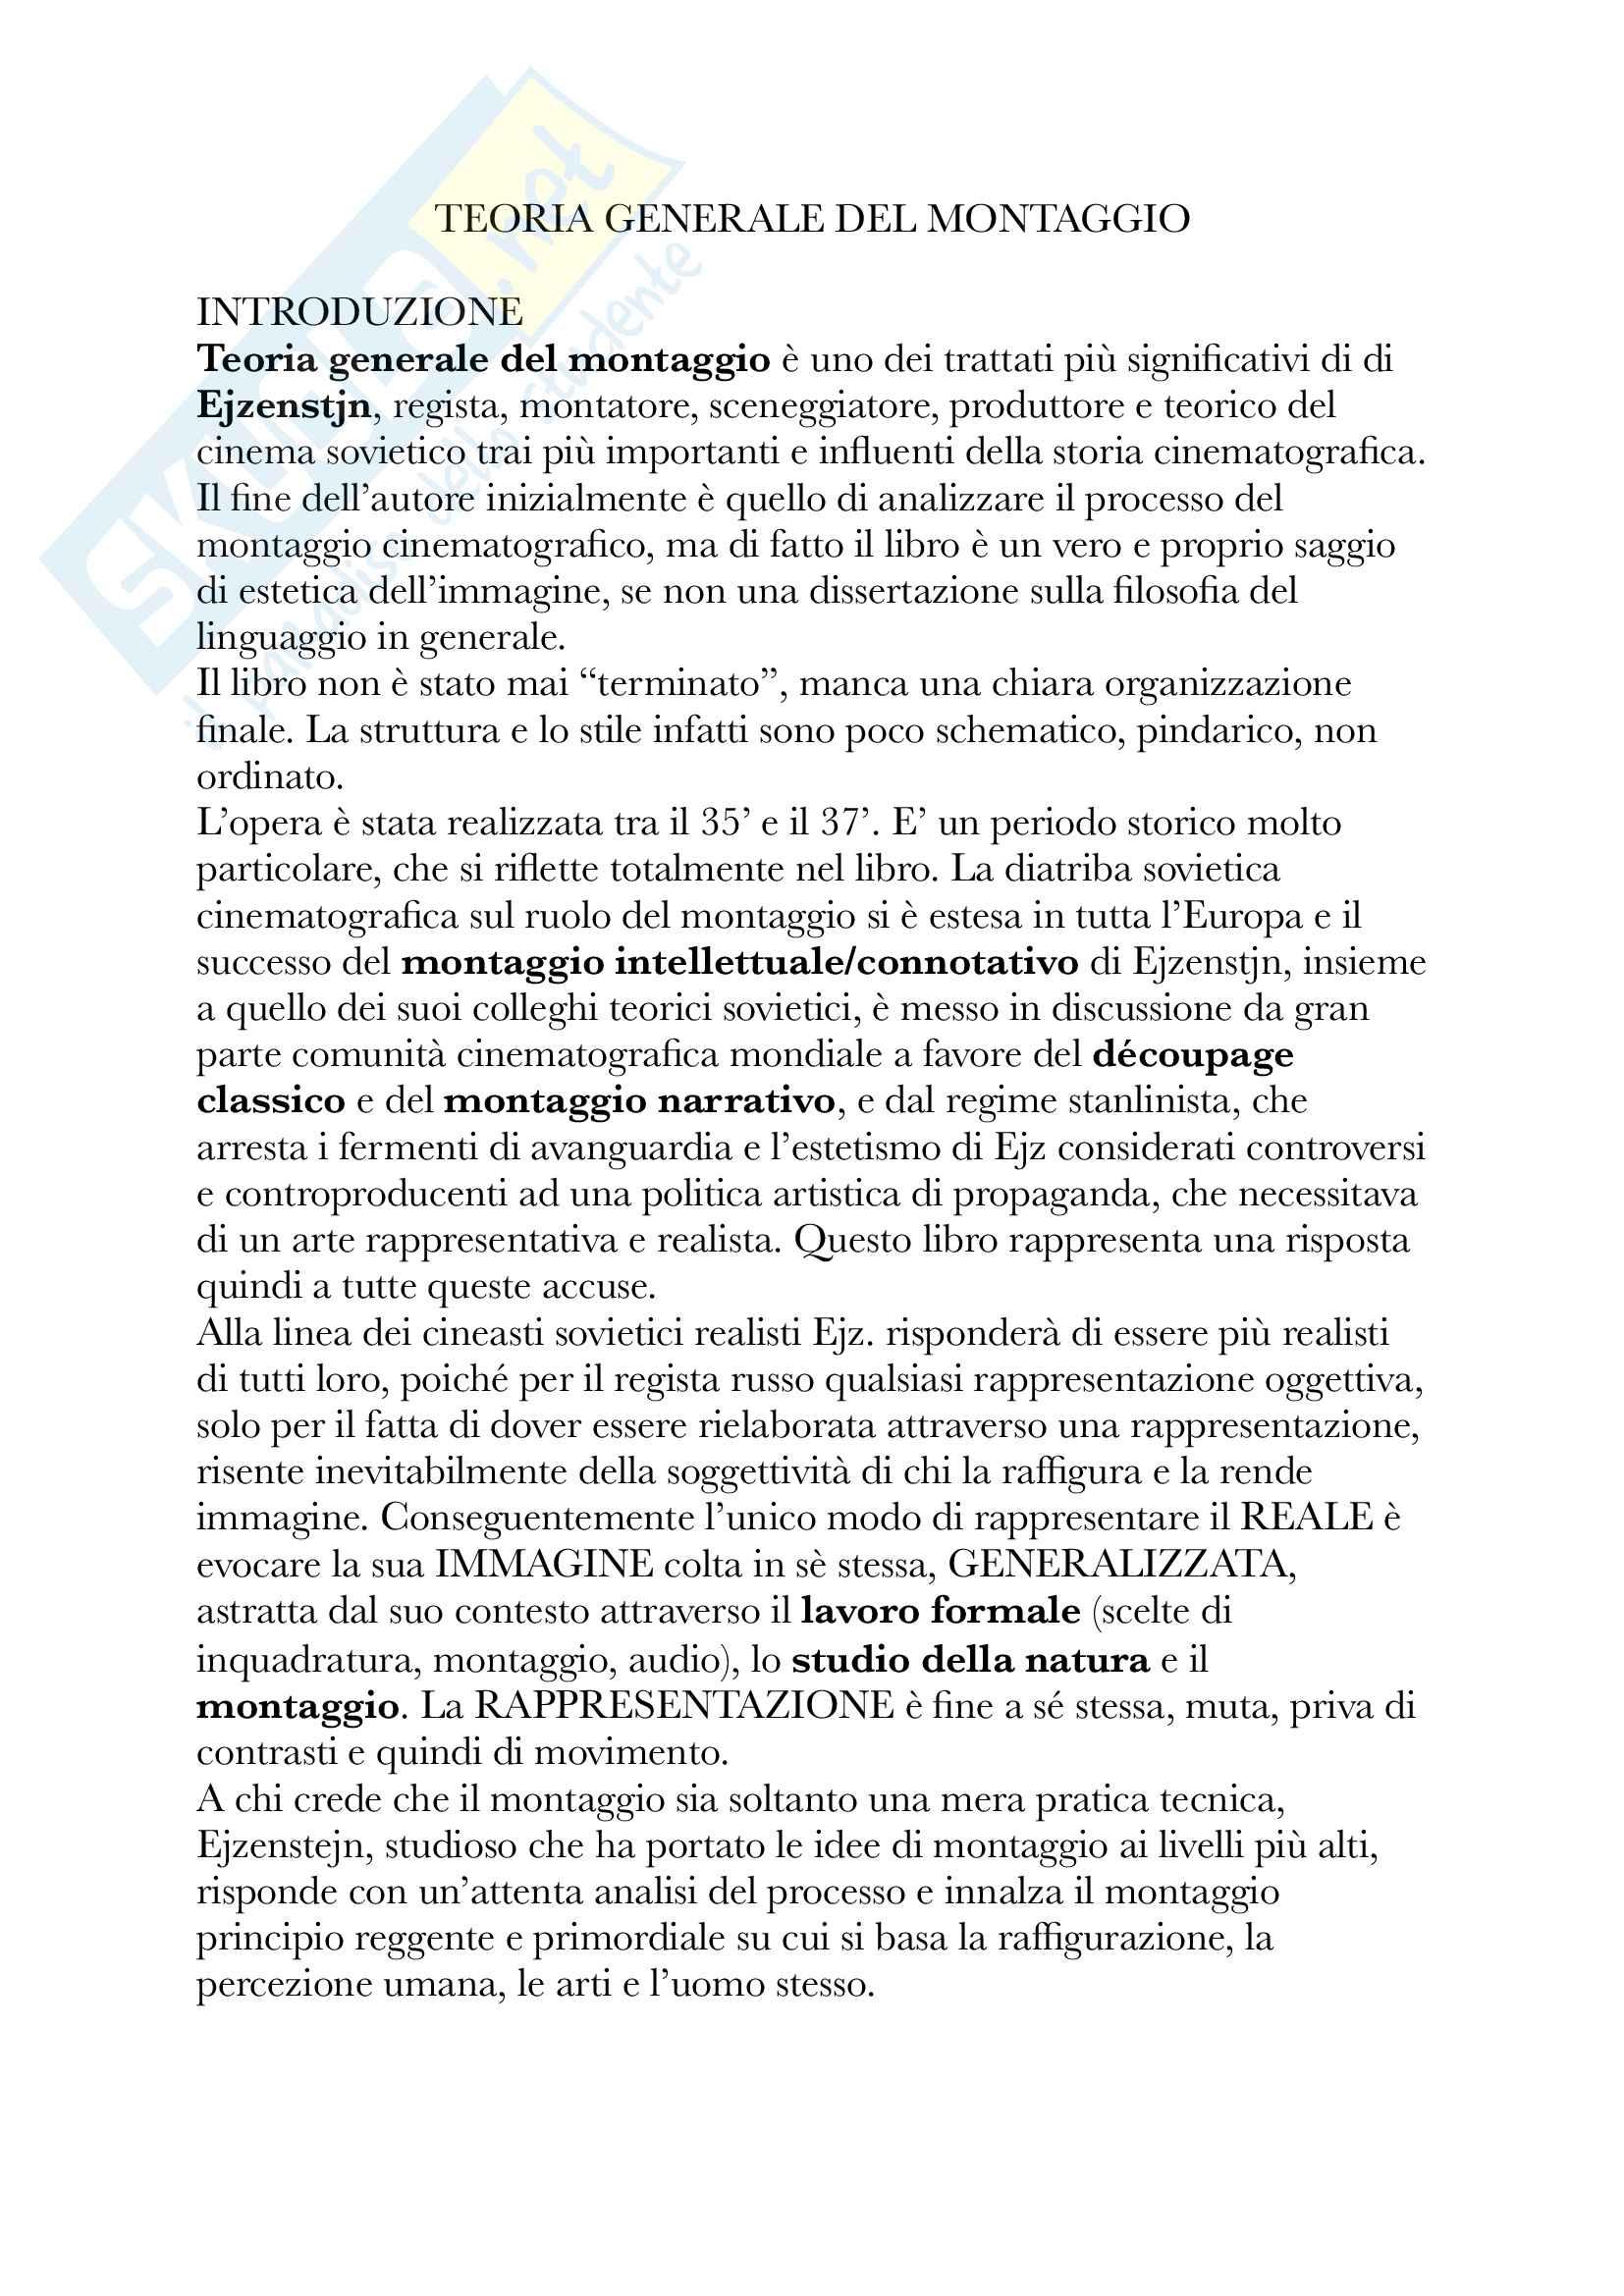 Riassunto esame Teoria e tecniche del montaggio cinematografico, Docente Rossi, Libro consigliato Teorie Generale del montaggio